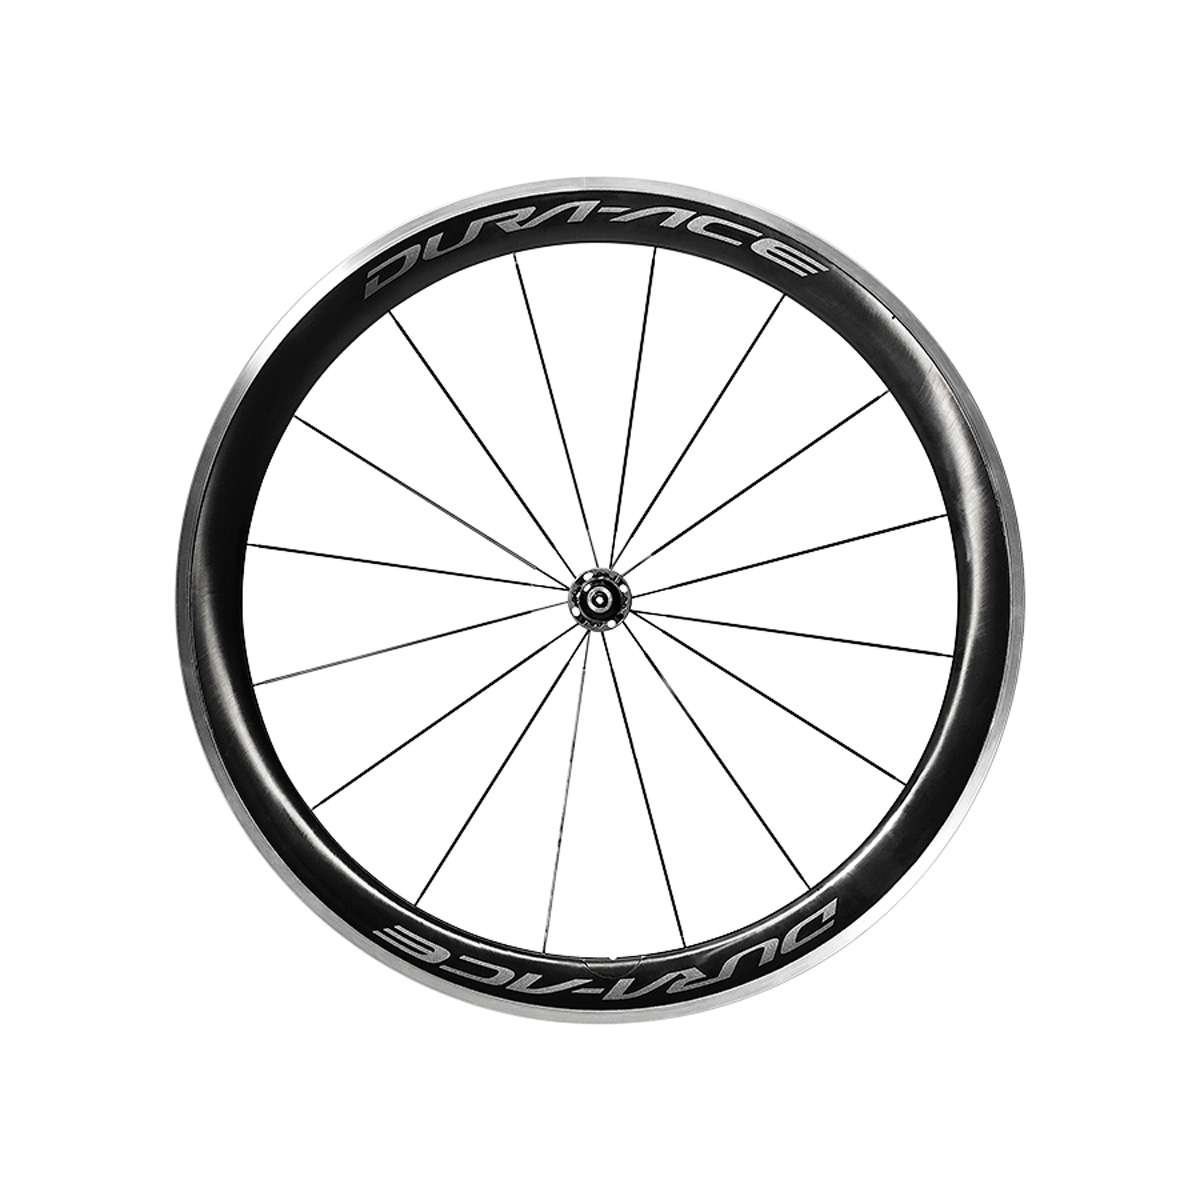 Shimano wh-r9100-c60-cl-fカーボンクリンチャーロード自転車ホイール – フロント – ewhr9100 C60fcy   B06Y5MZNF2